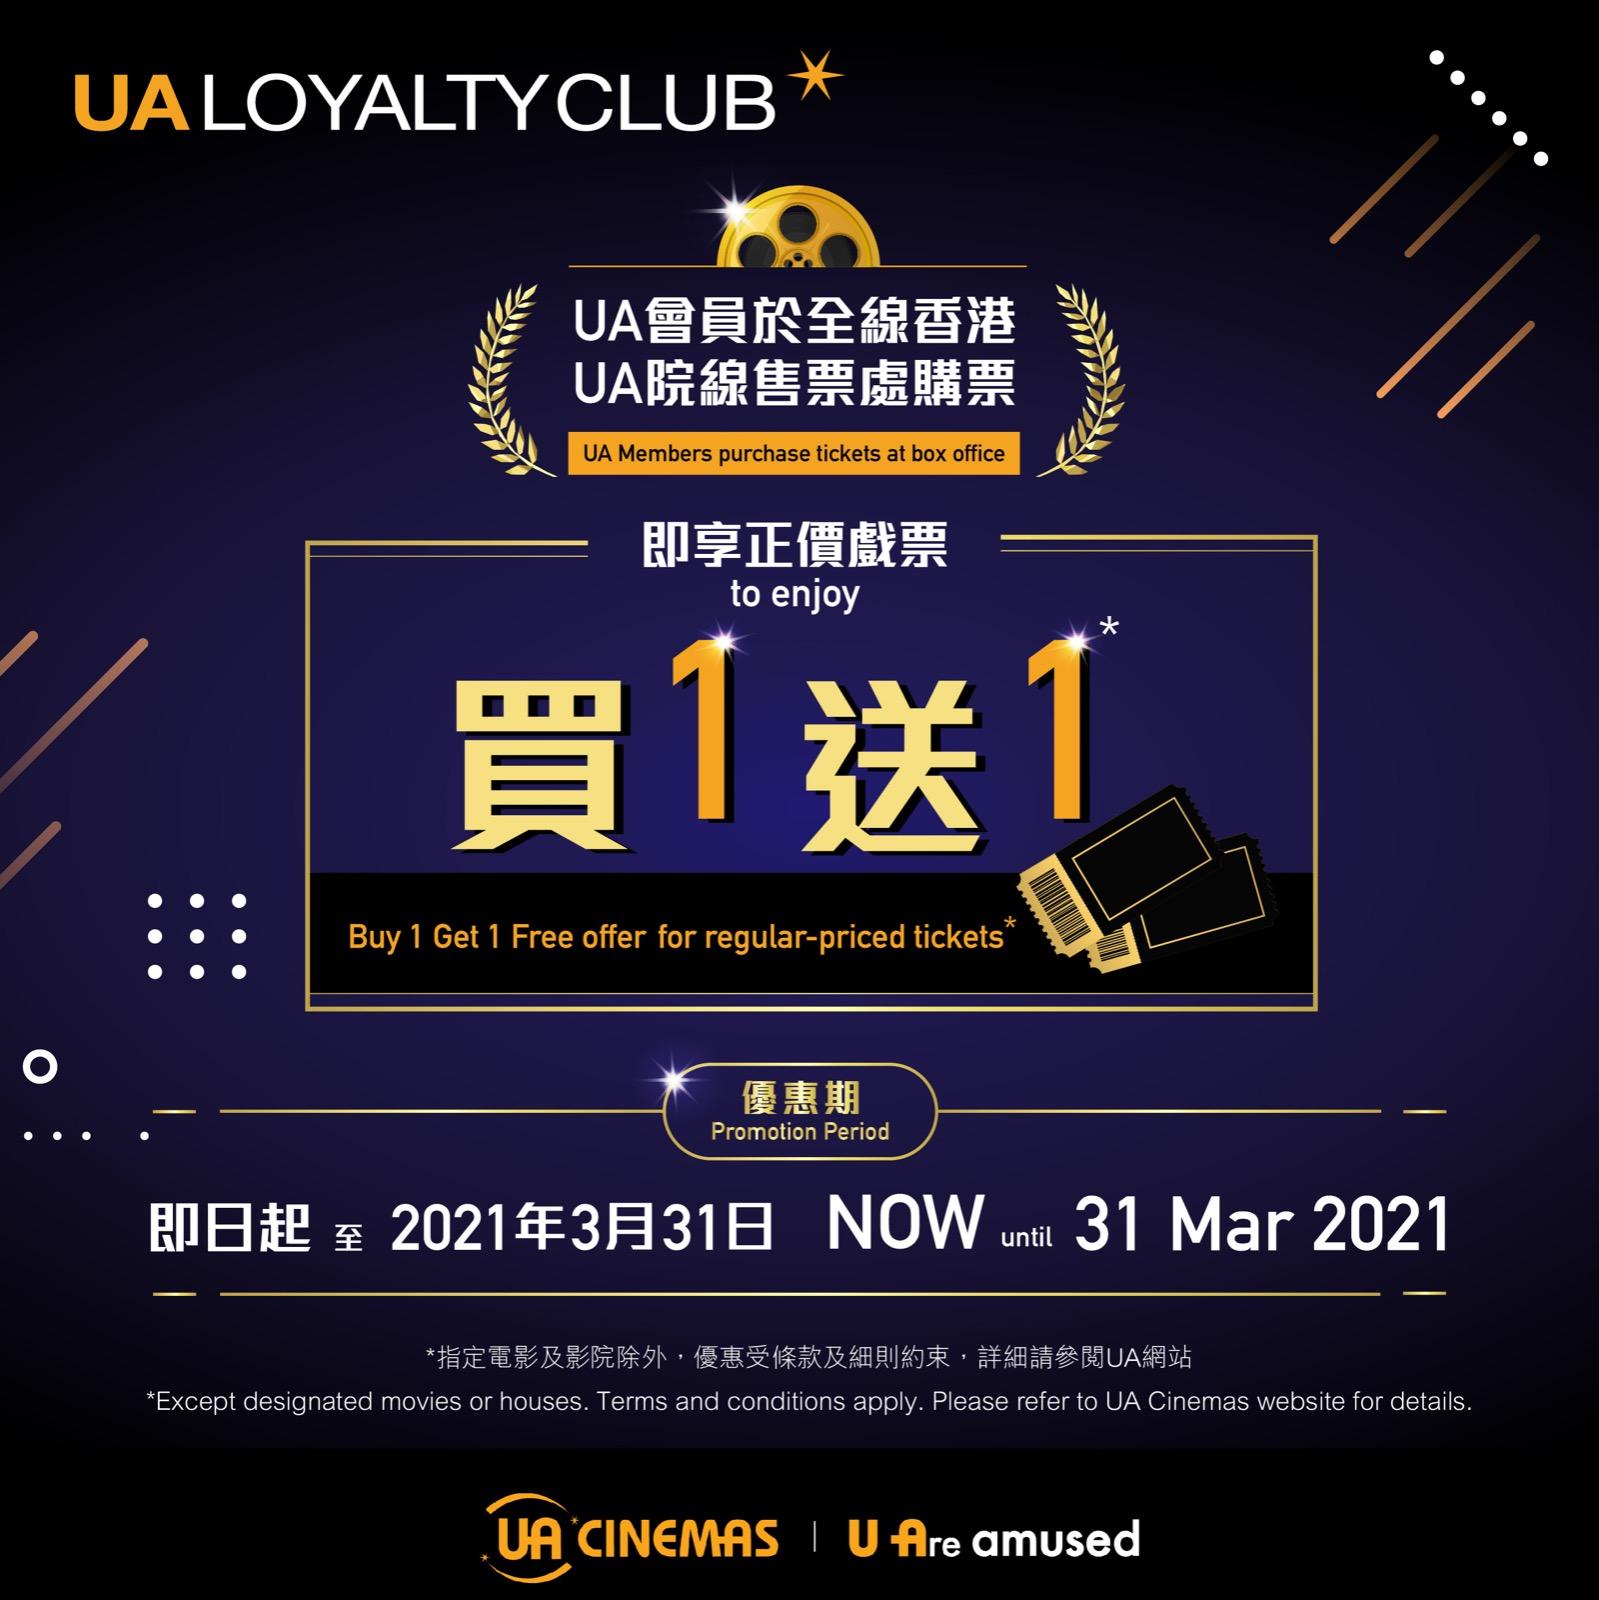 【🎉我哋戲院見啦!】UA Loyalty Club 會員買一送一優惠繼續放送!🙌